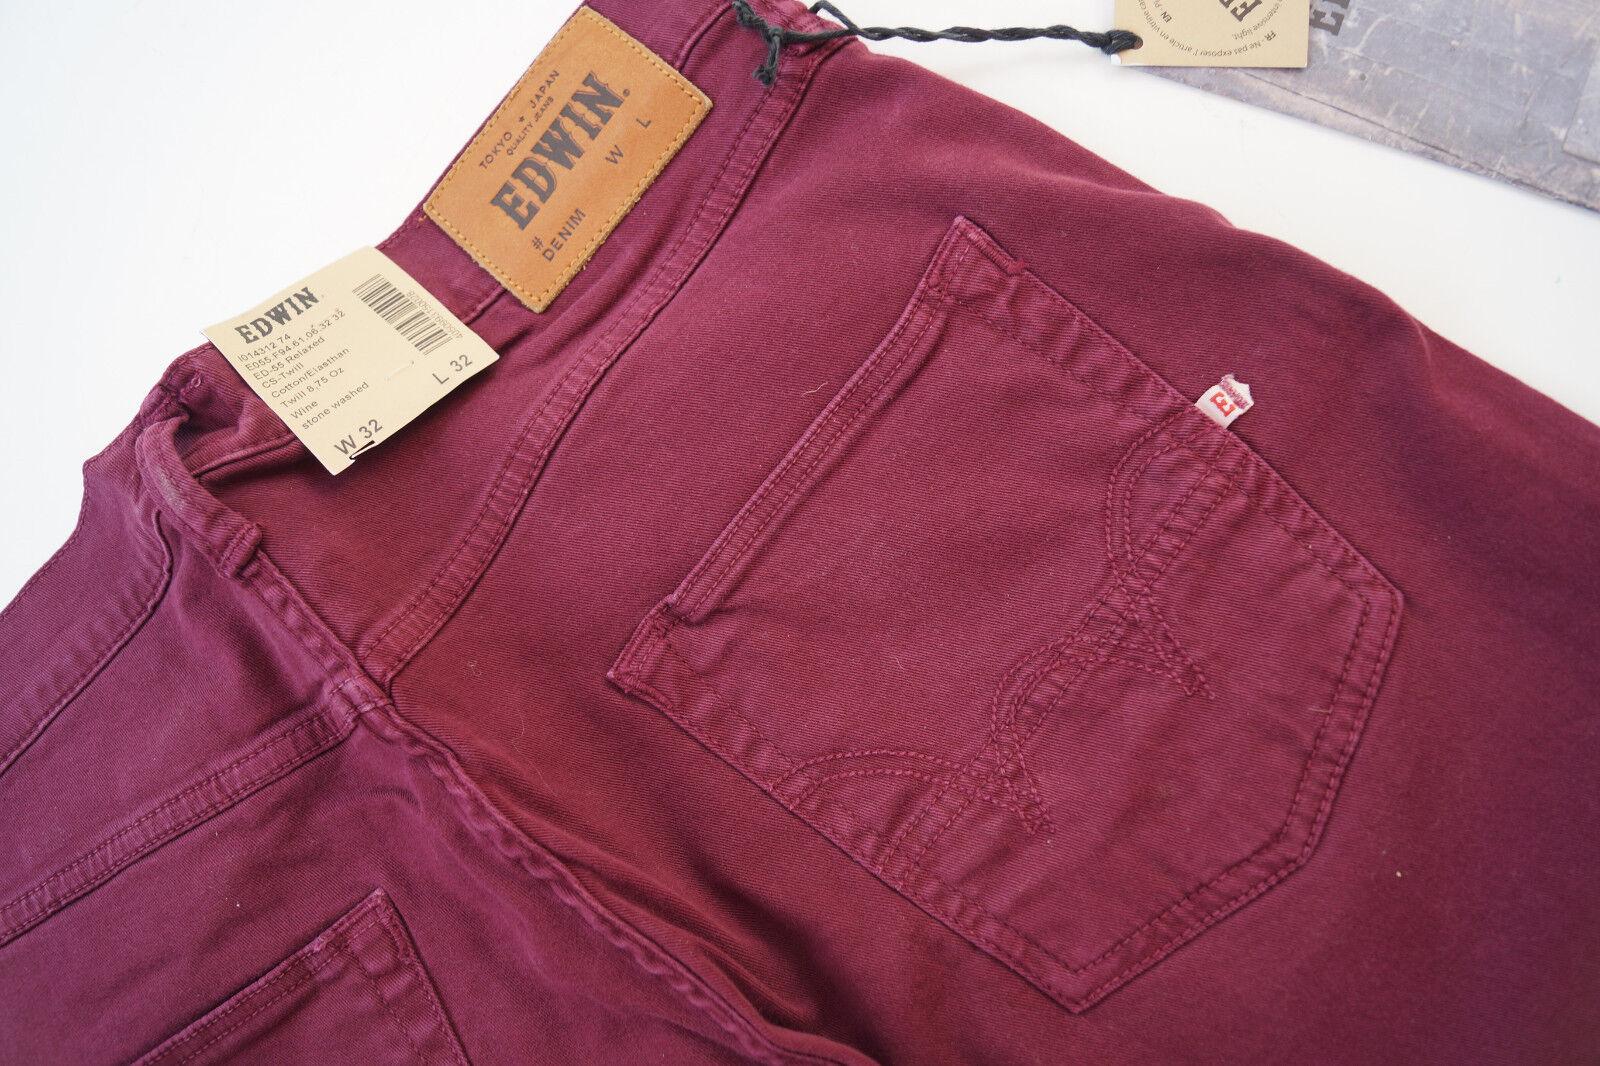 EDWIN Herren Men Jeans comfort Hose Relaxed stretch stretch stretch 32 32 W32 L32 bordeaux NEU 2f9d32